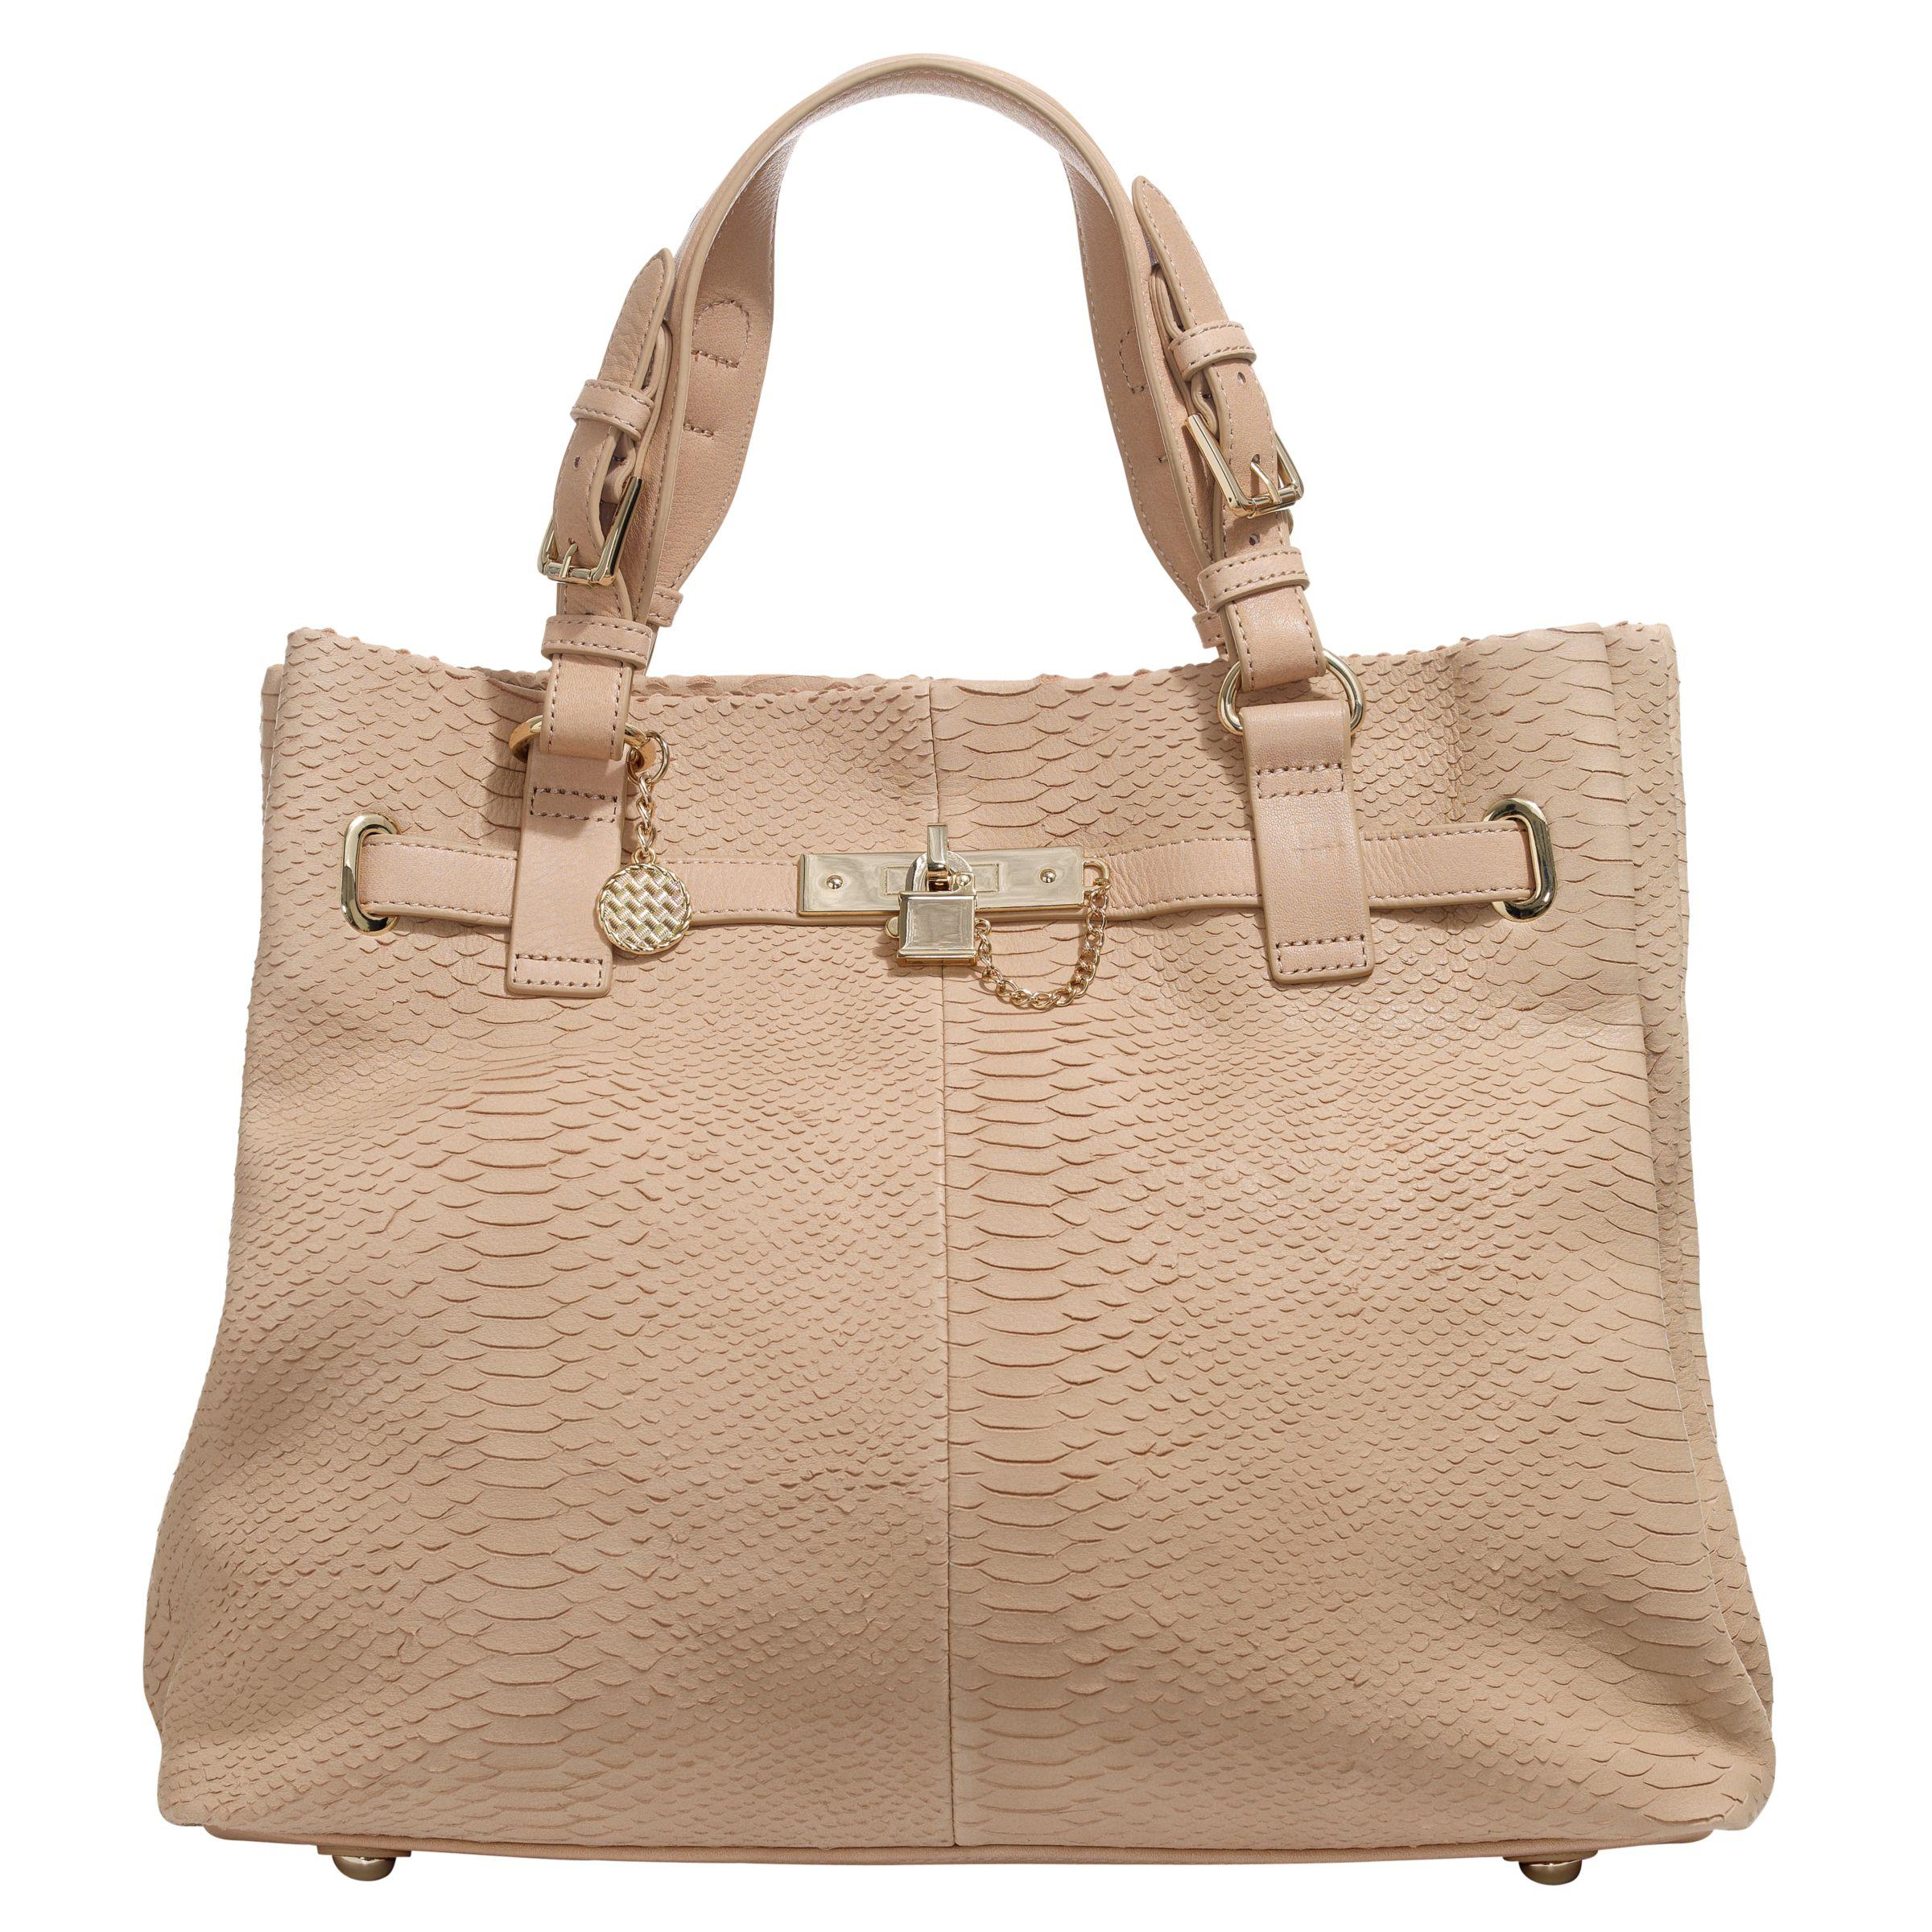 Reiss Bleeker Lock Detail Bag, Cinnamon at JohnLewis